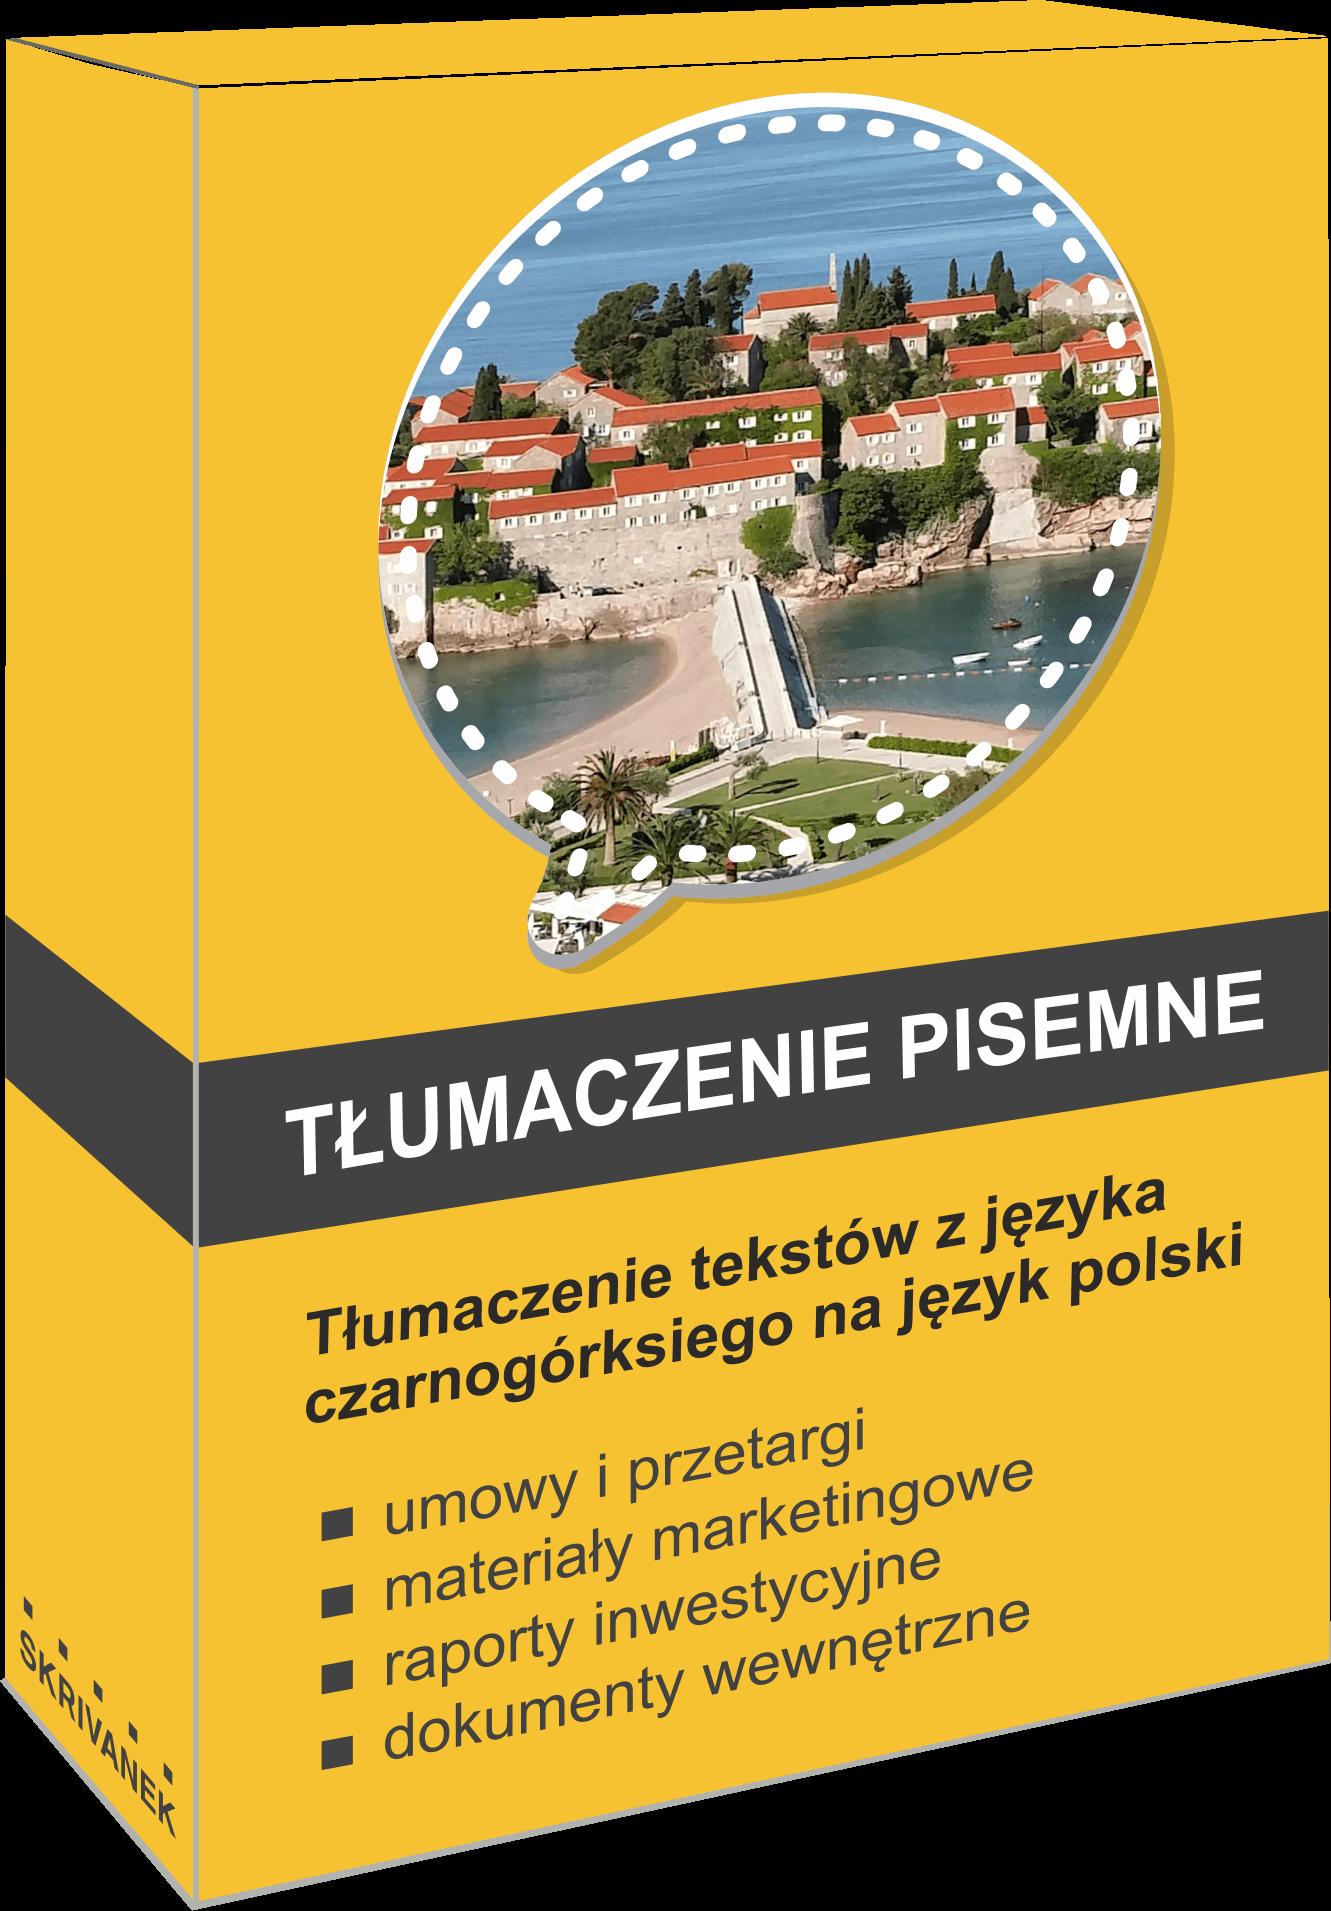 tłumacz języka czarnogórskiego